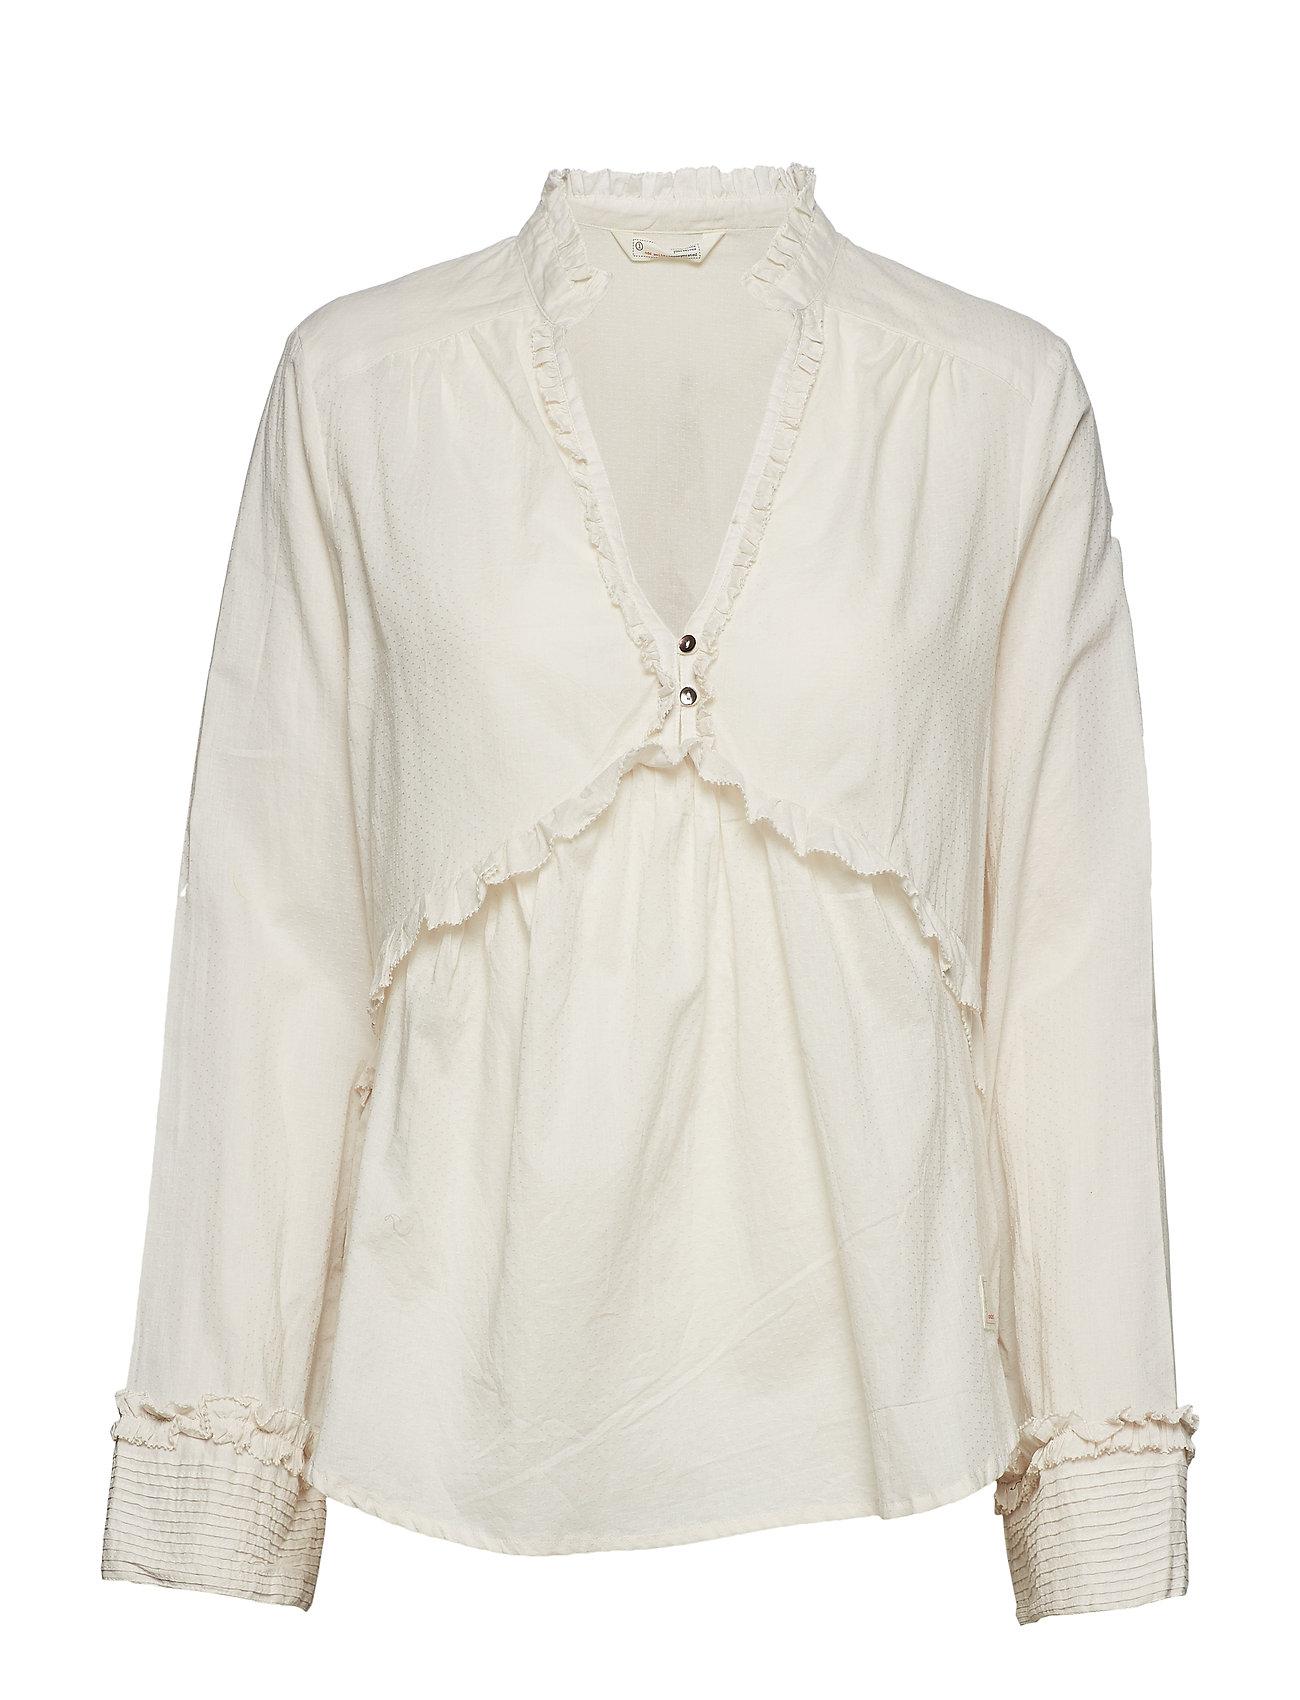 ODD MOLLY full frill blouse - MISTY WHITE